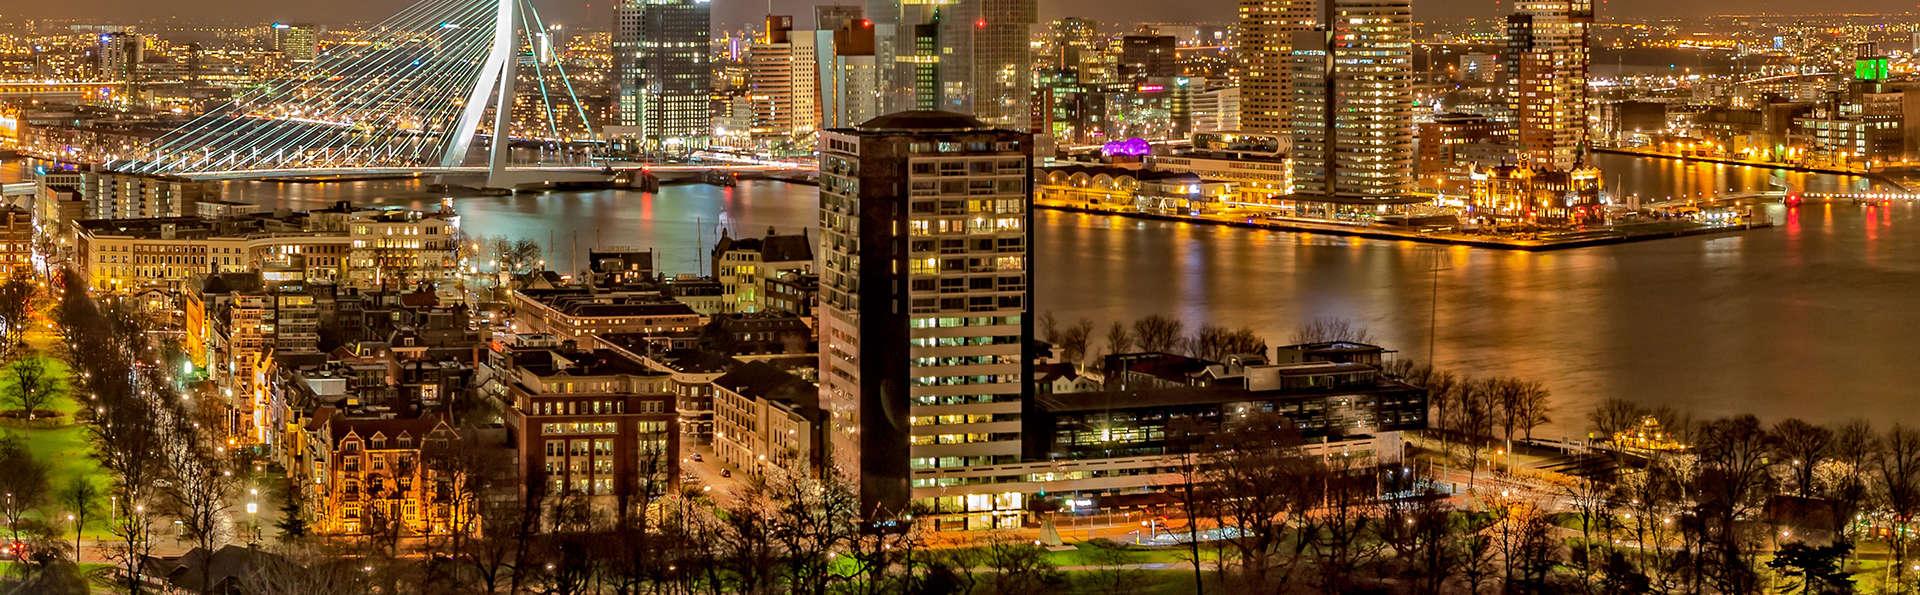 Confort, luxe et hôtel branché à proximité de la ville architectural de Rotterdam